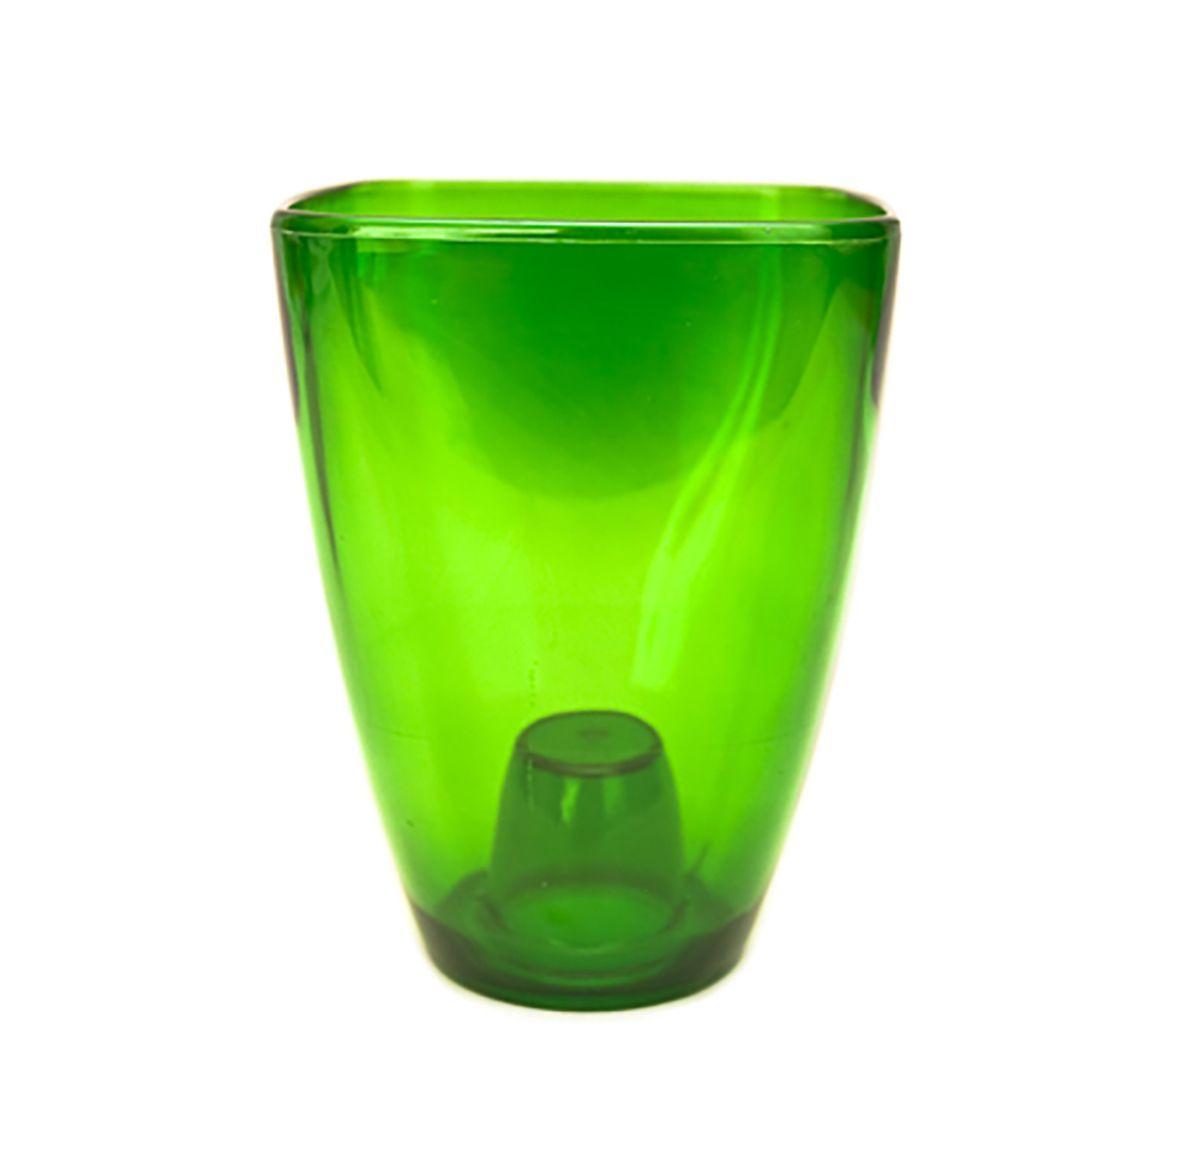 цена на Кашпо для орхидей Form-Plastic Орхидея, цвет: зеленый, 13 х 13 х 17 см